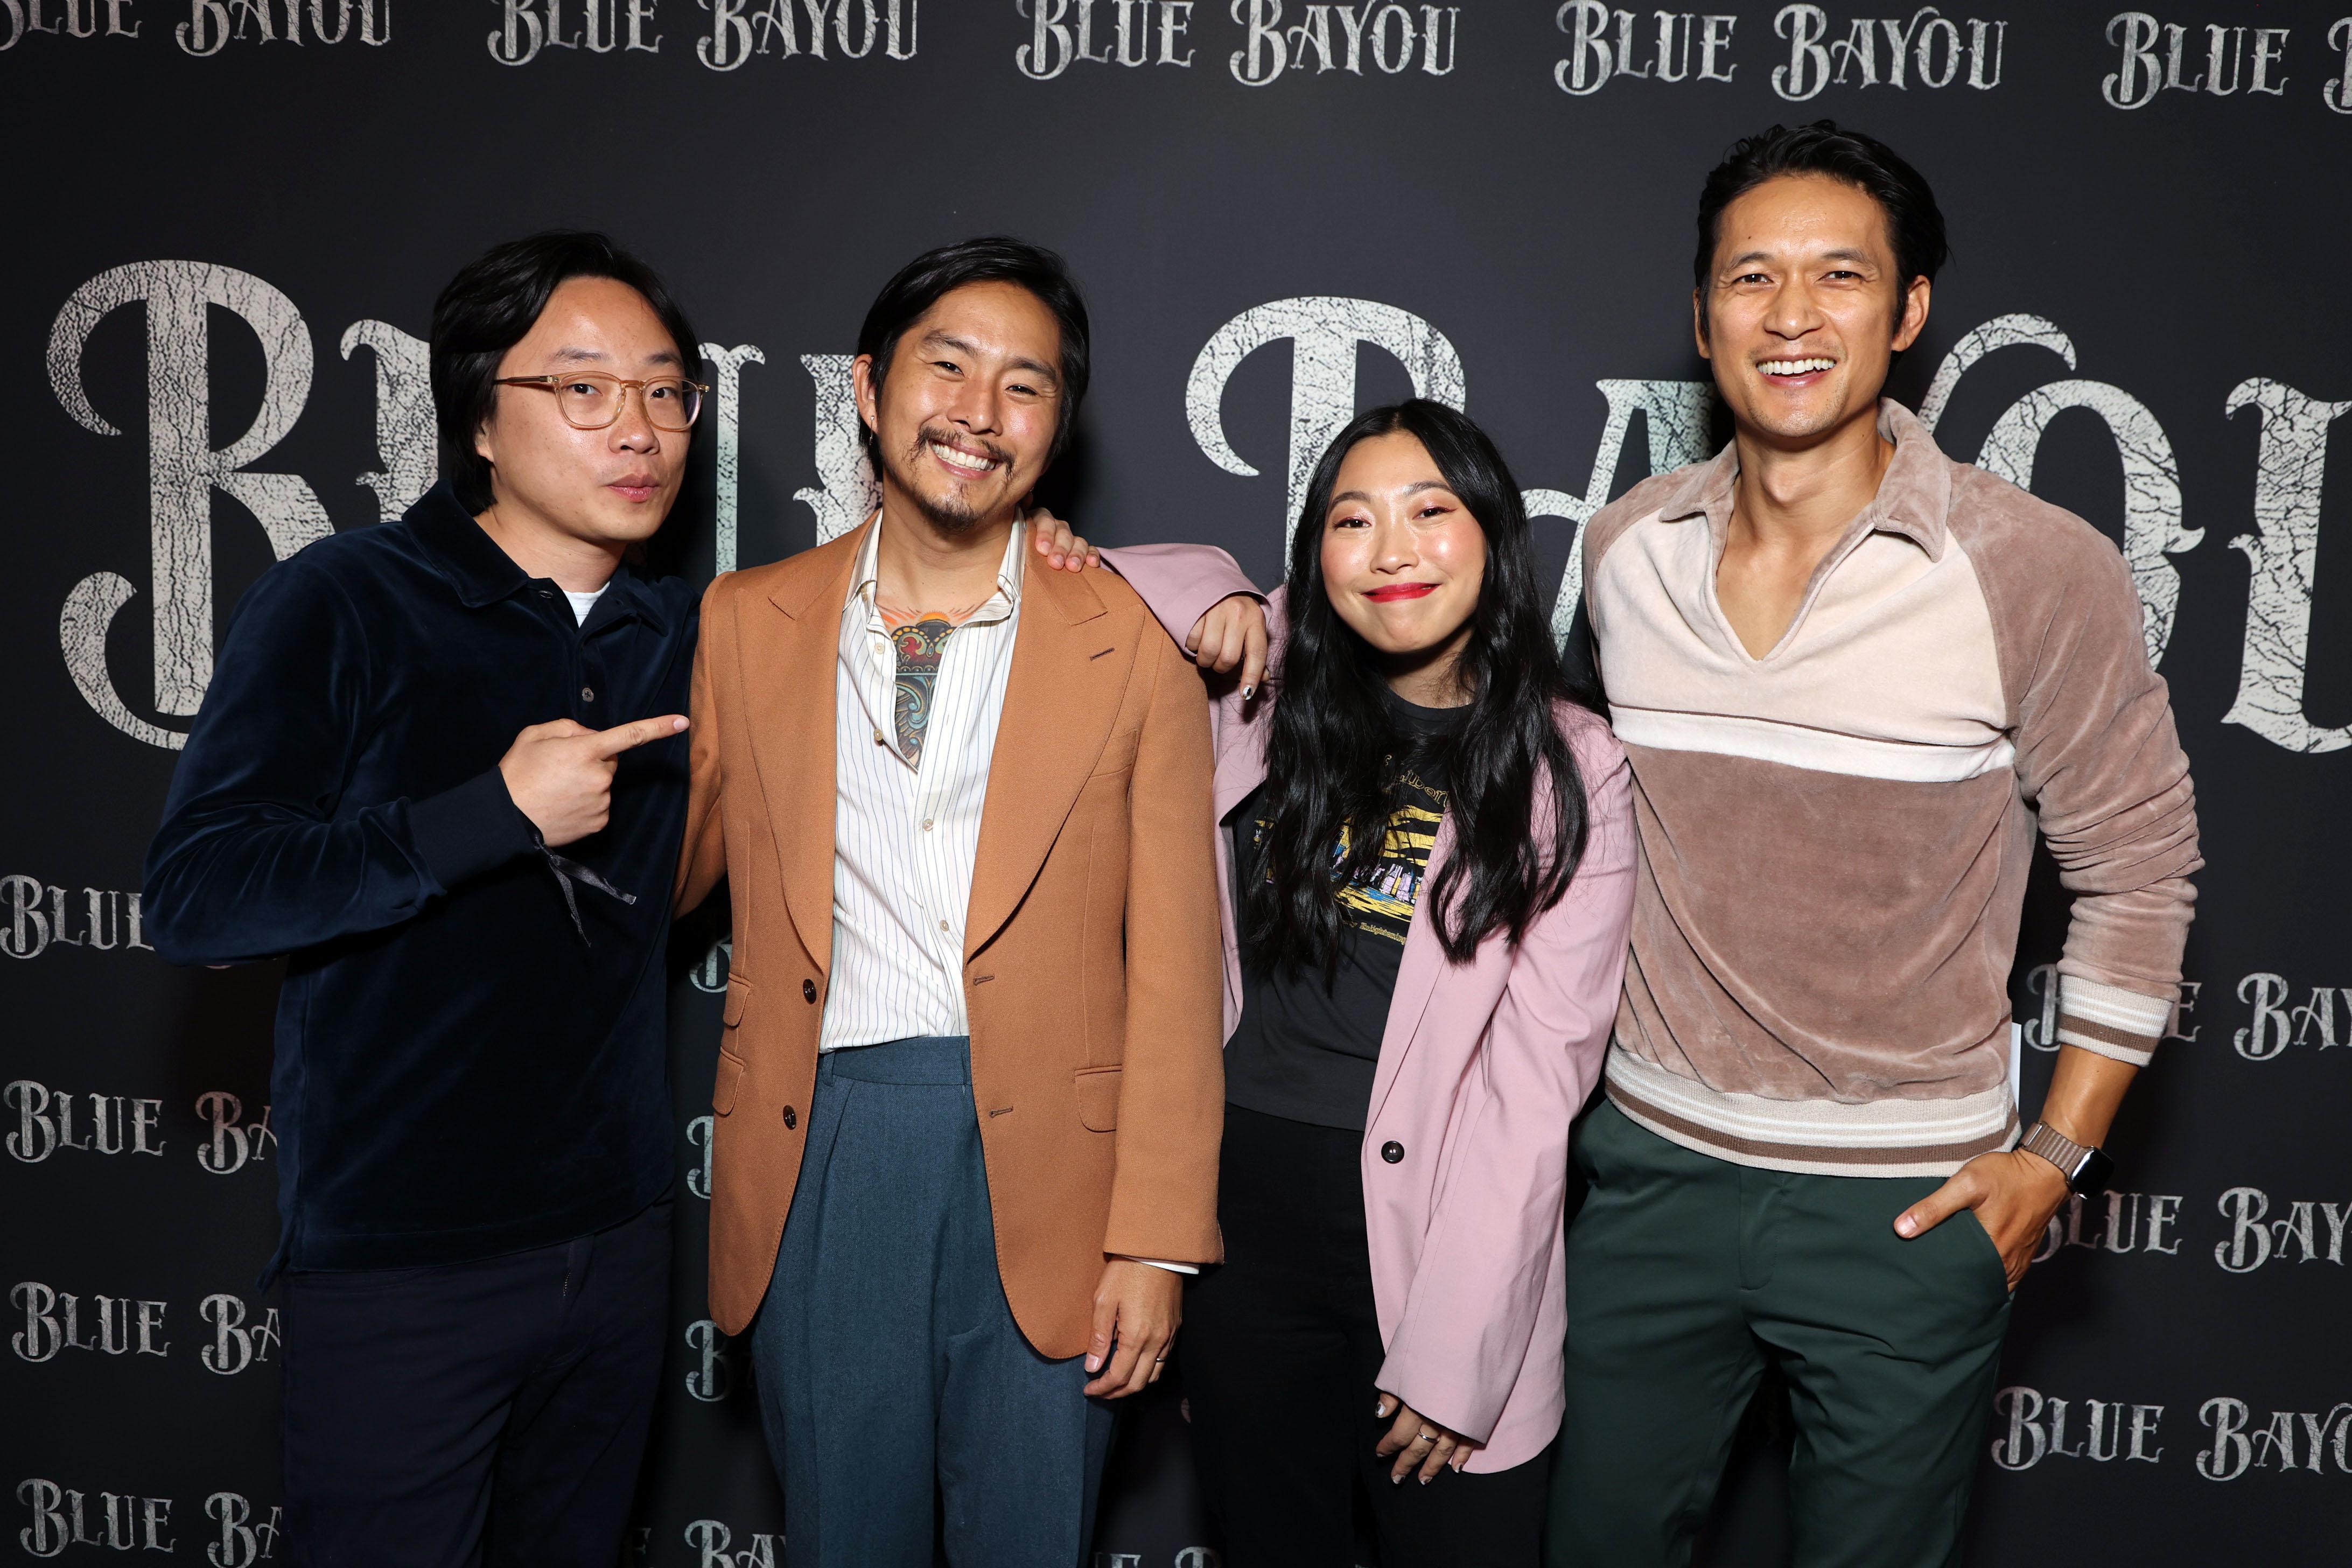 Jimmy O. Yang, Director Justin Chon, Awkwafina and Harry Shum Jr.